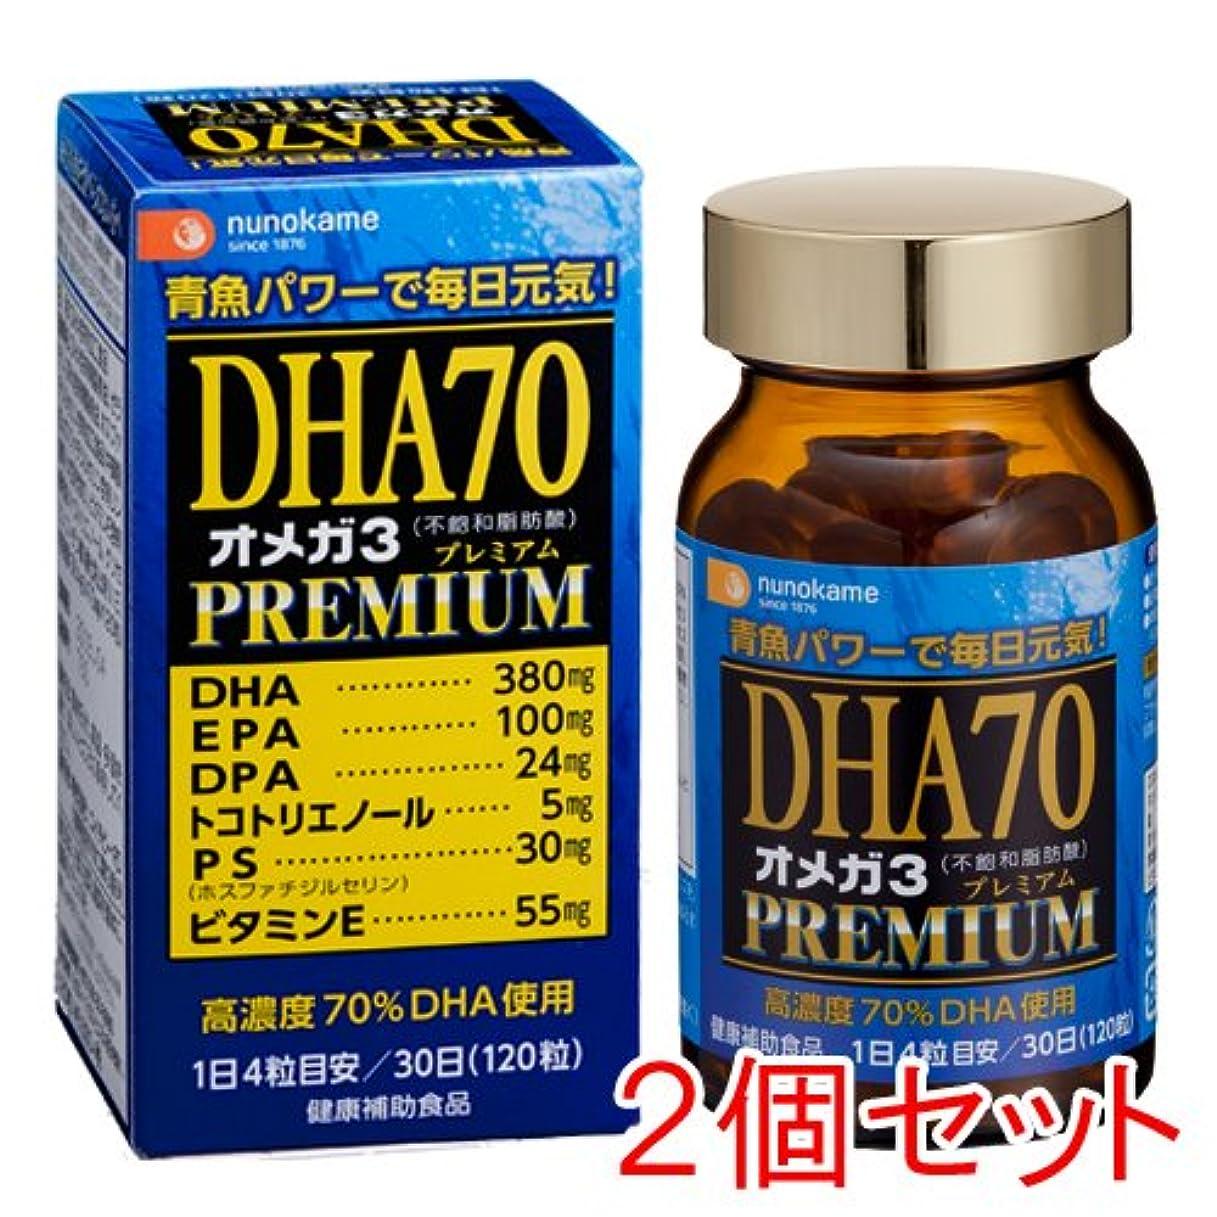 環境債務提供するDHAオメガ3プレミアム 2個セット